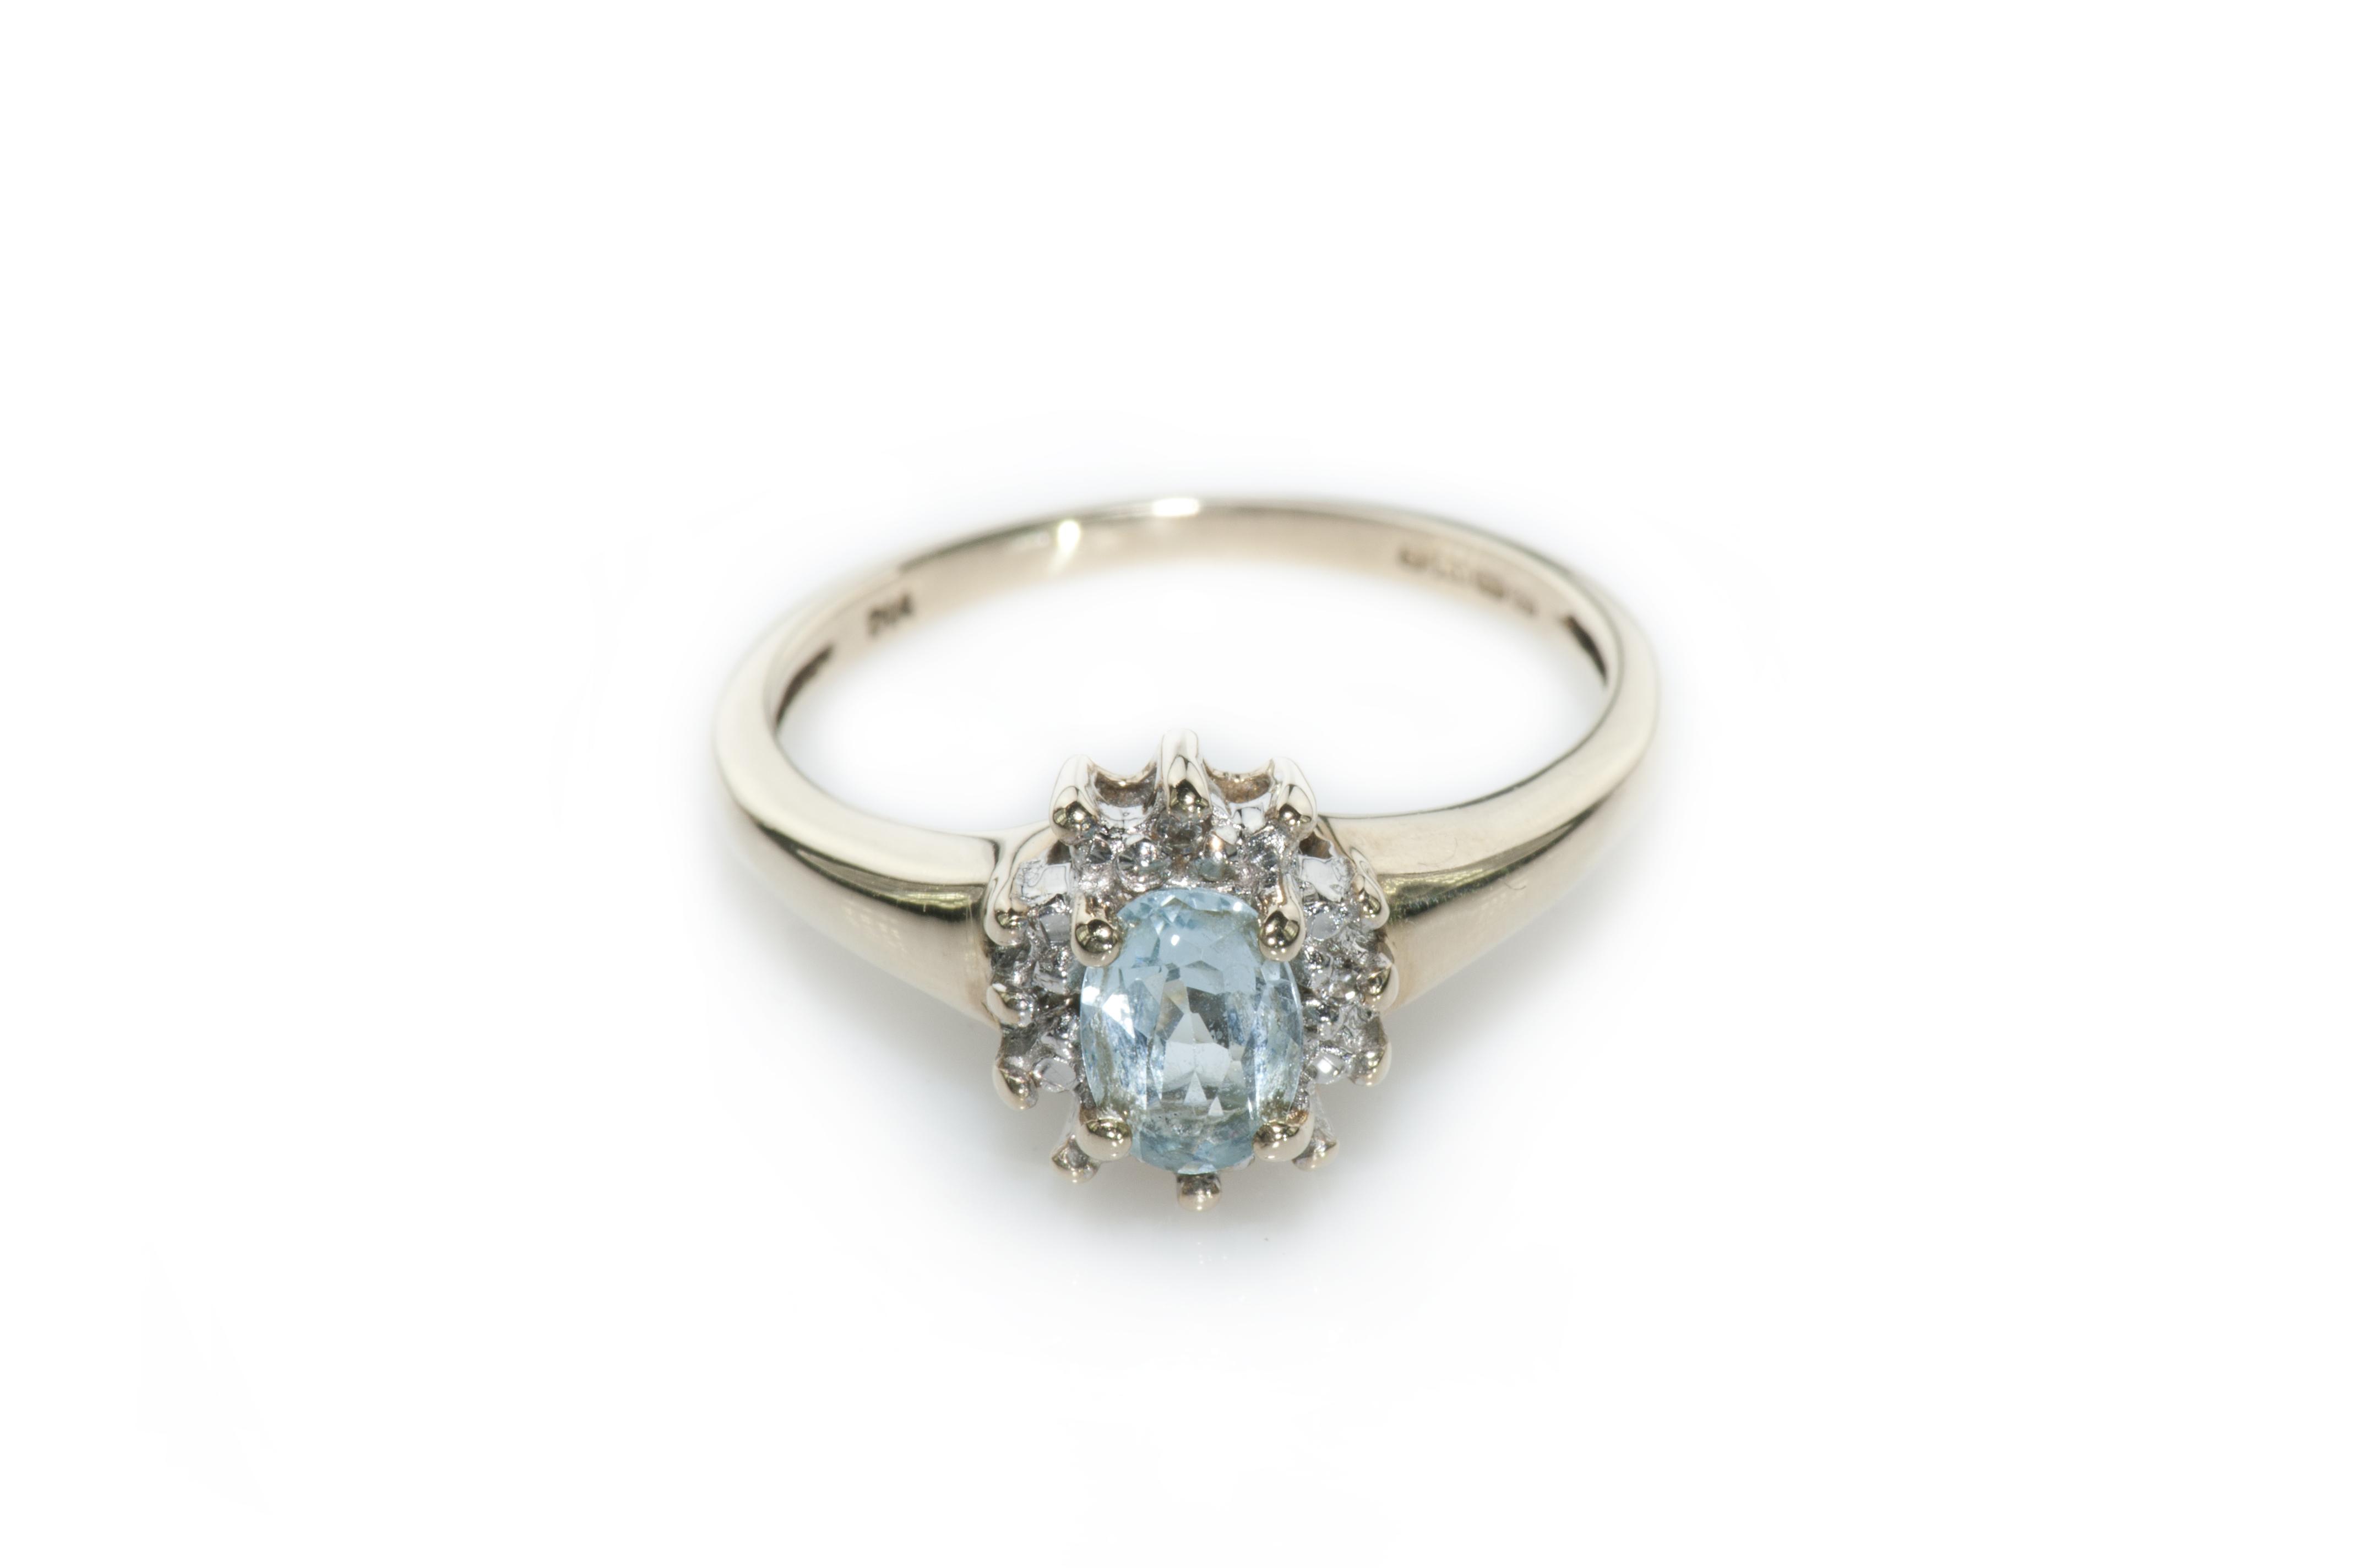 Diamond & aquamarine ring